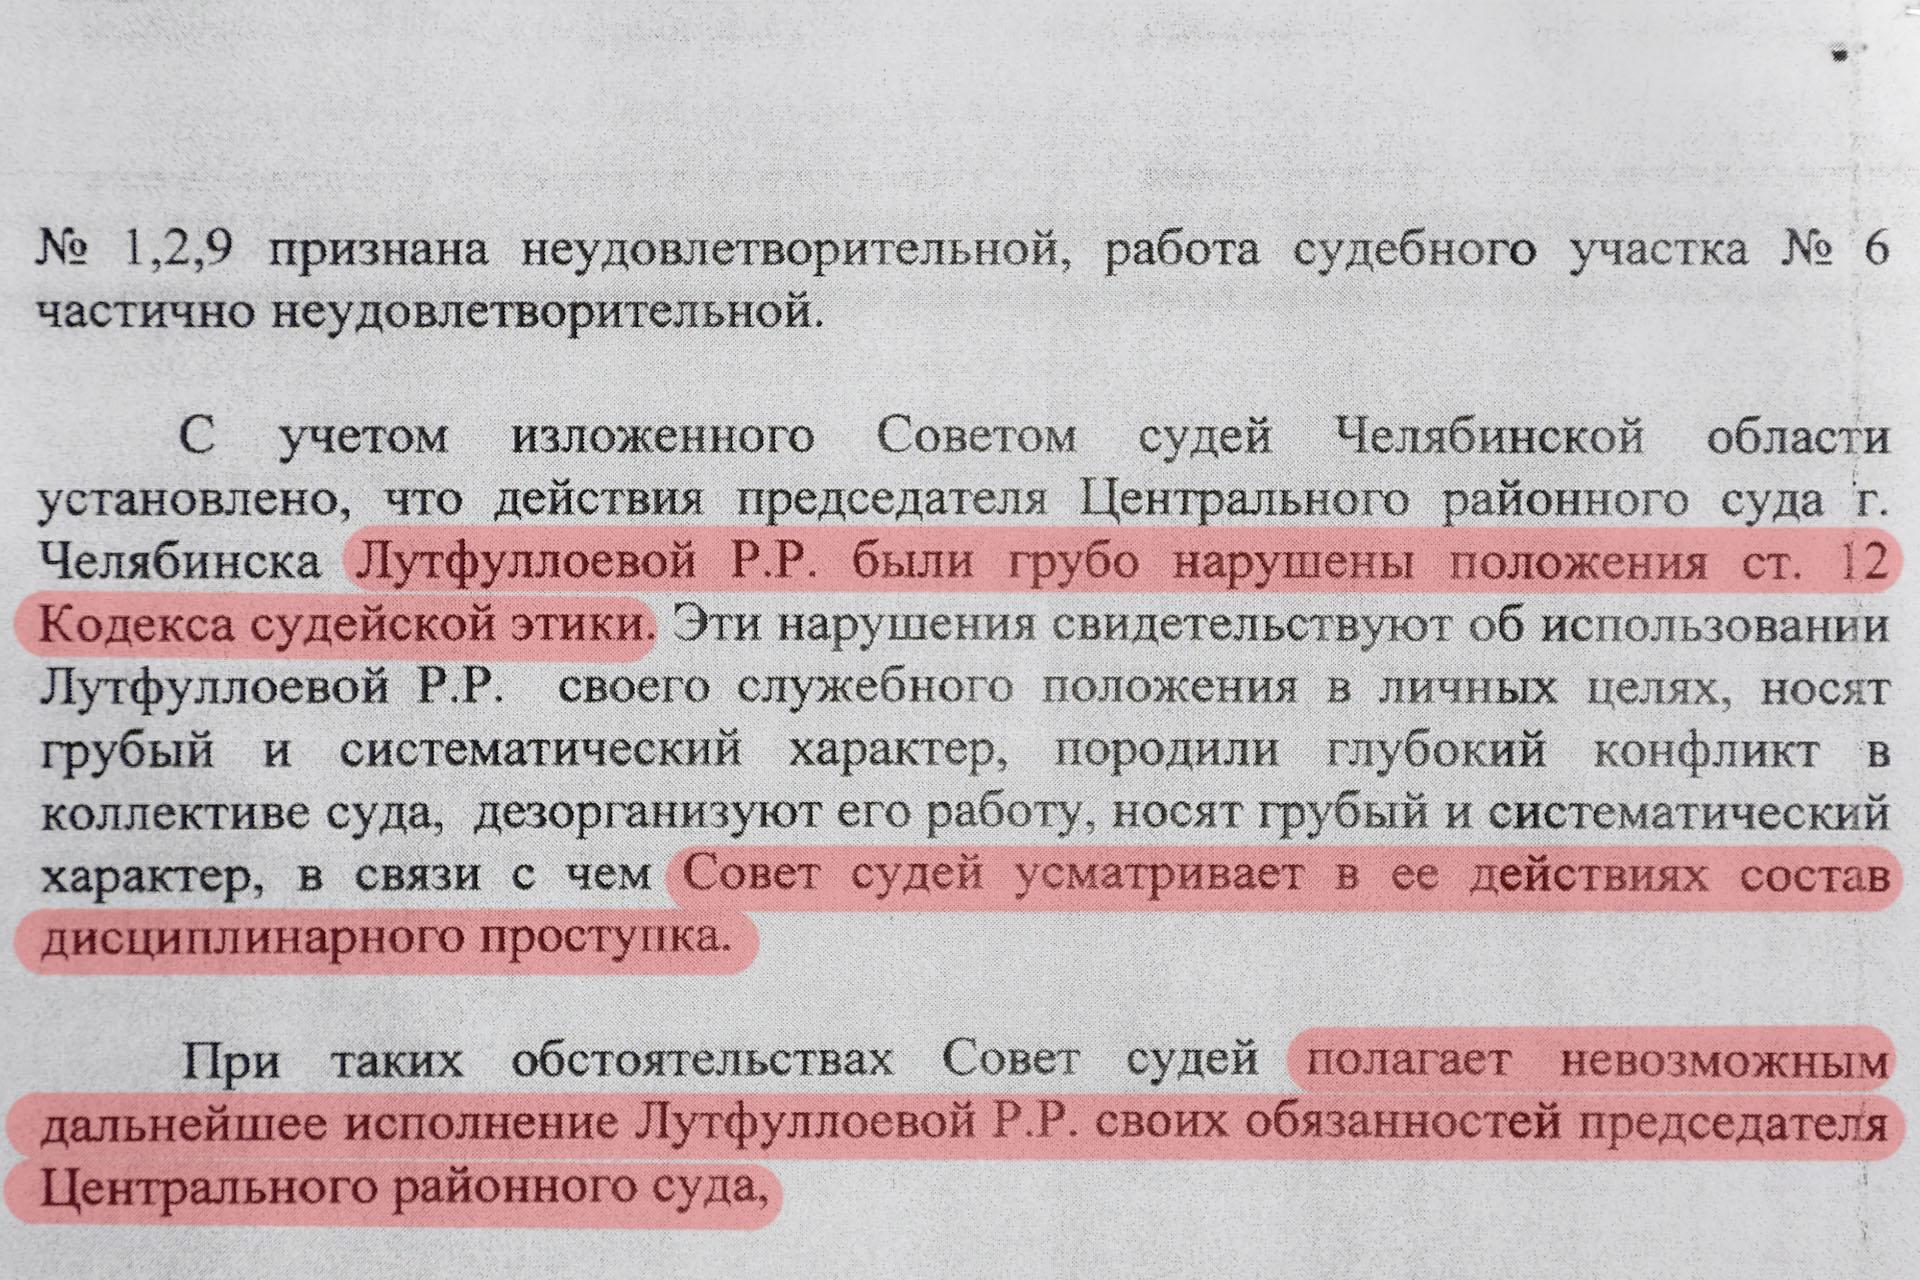 Совет судей при проверке работы Рамзии Лутфуллоевой нашёл много грубых нарушений